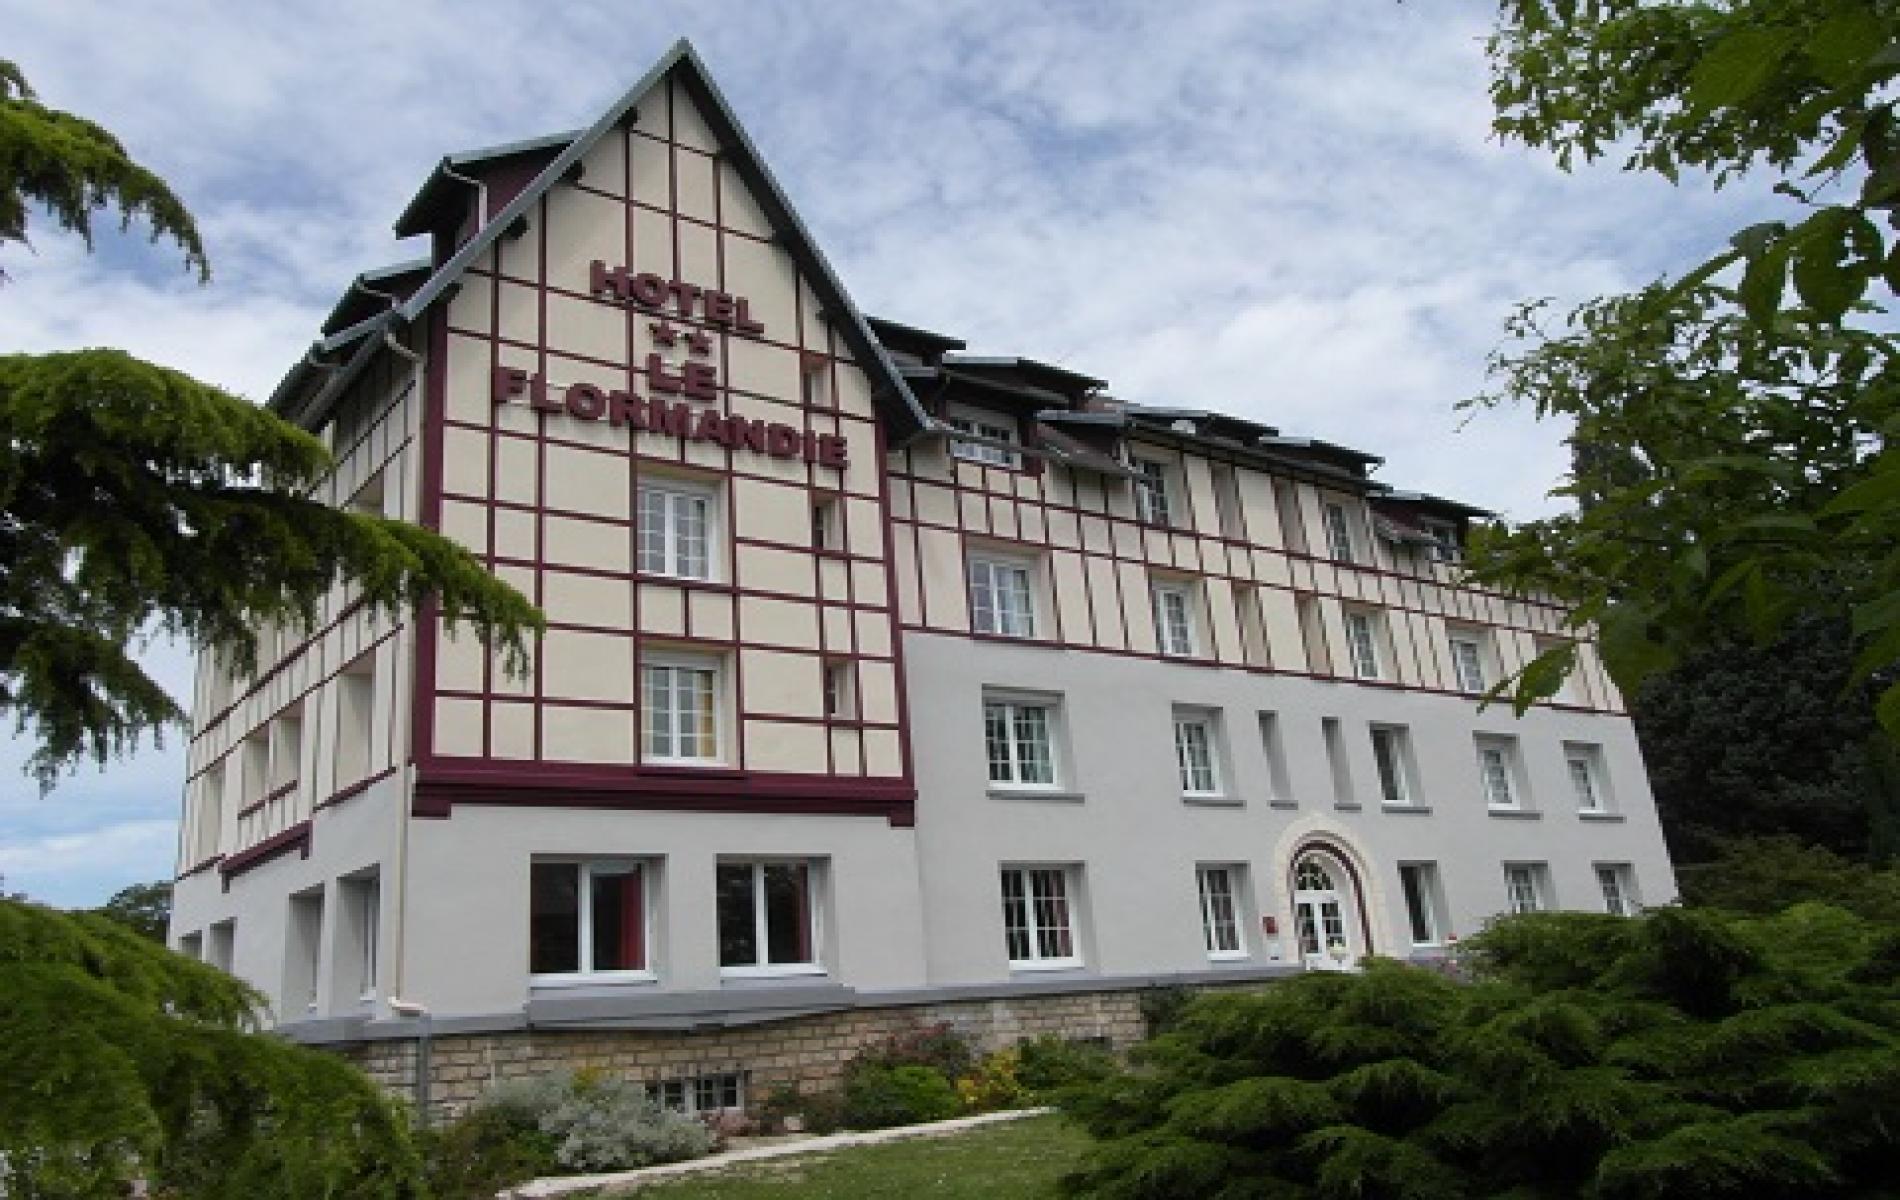 Hotel le Flormandie - Hotel en Normandie